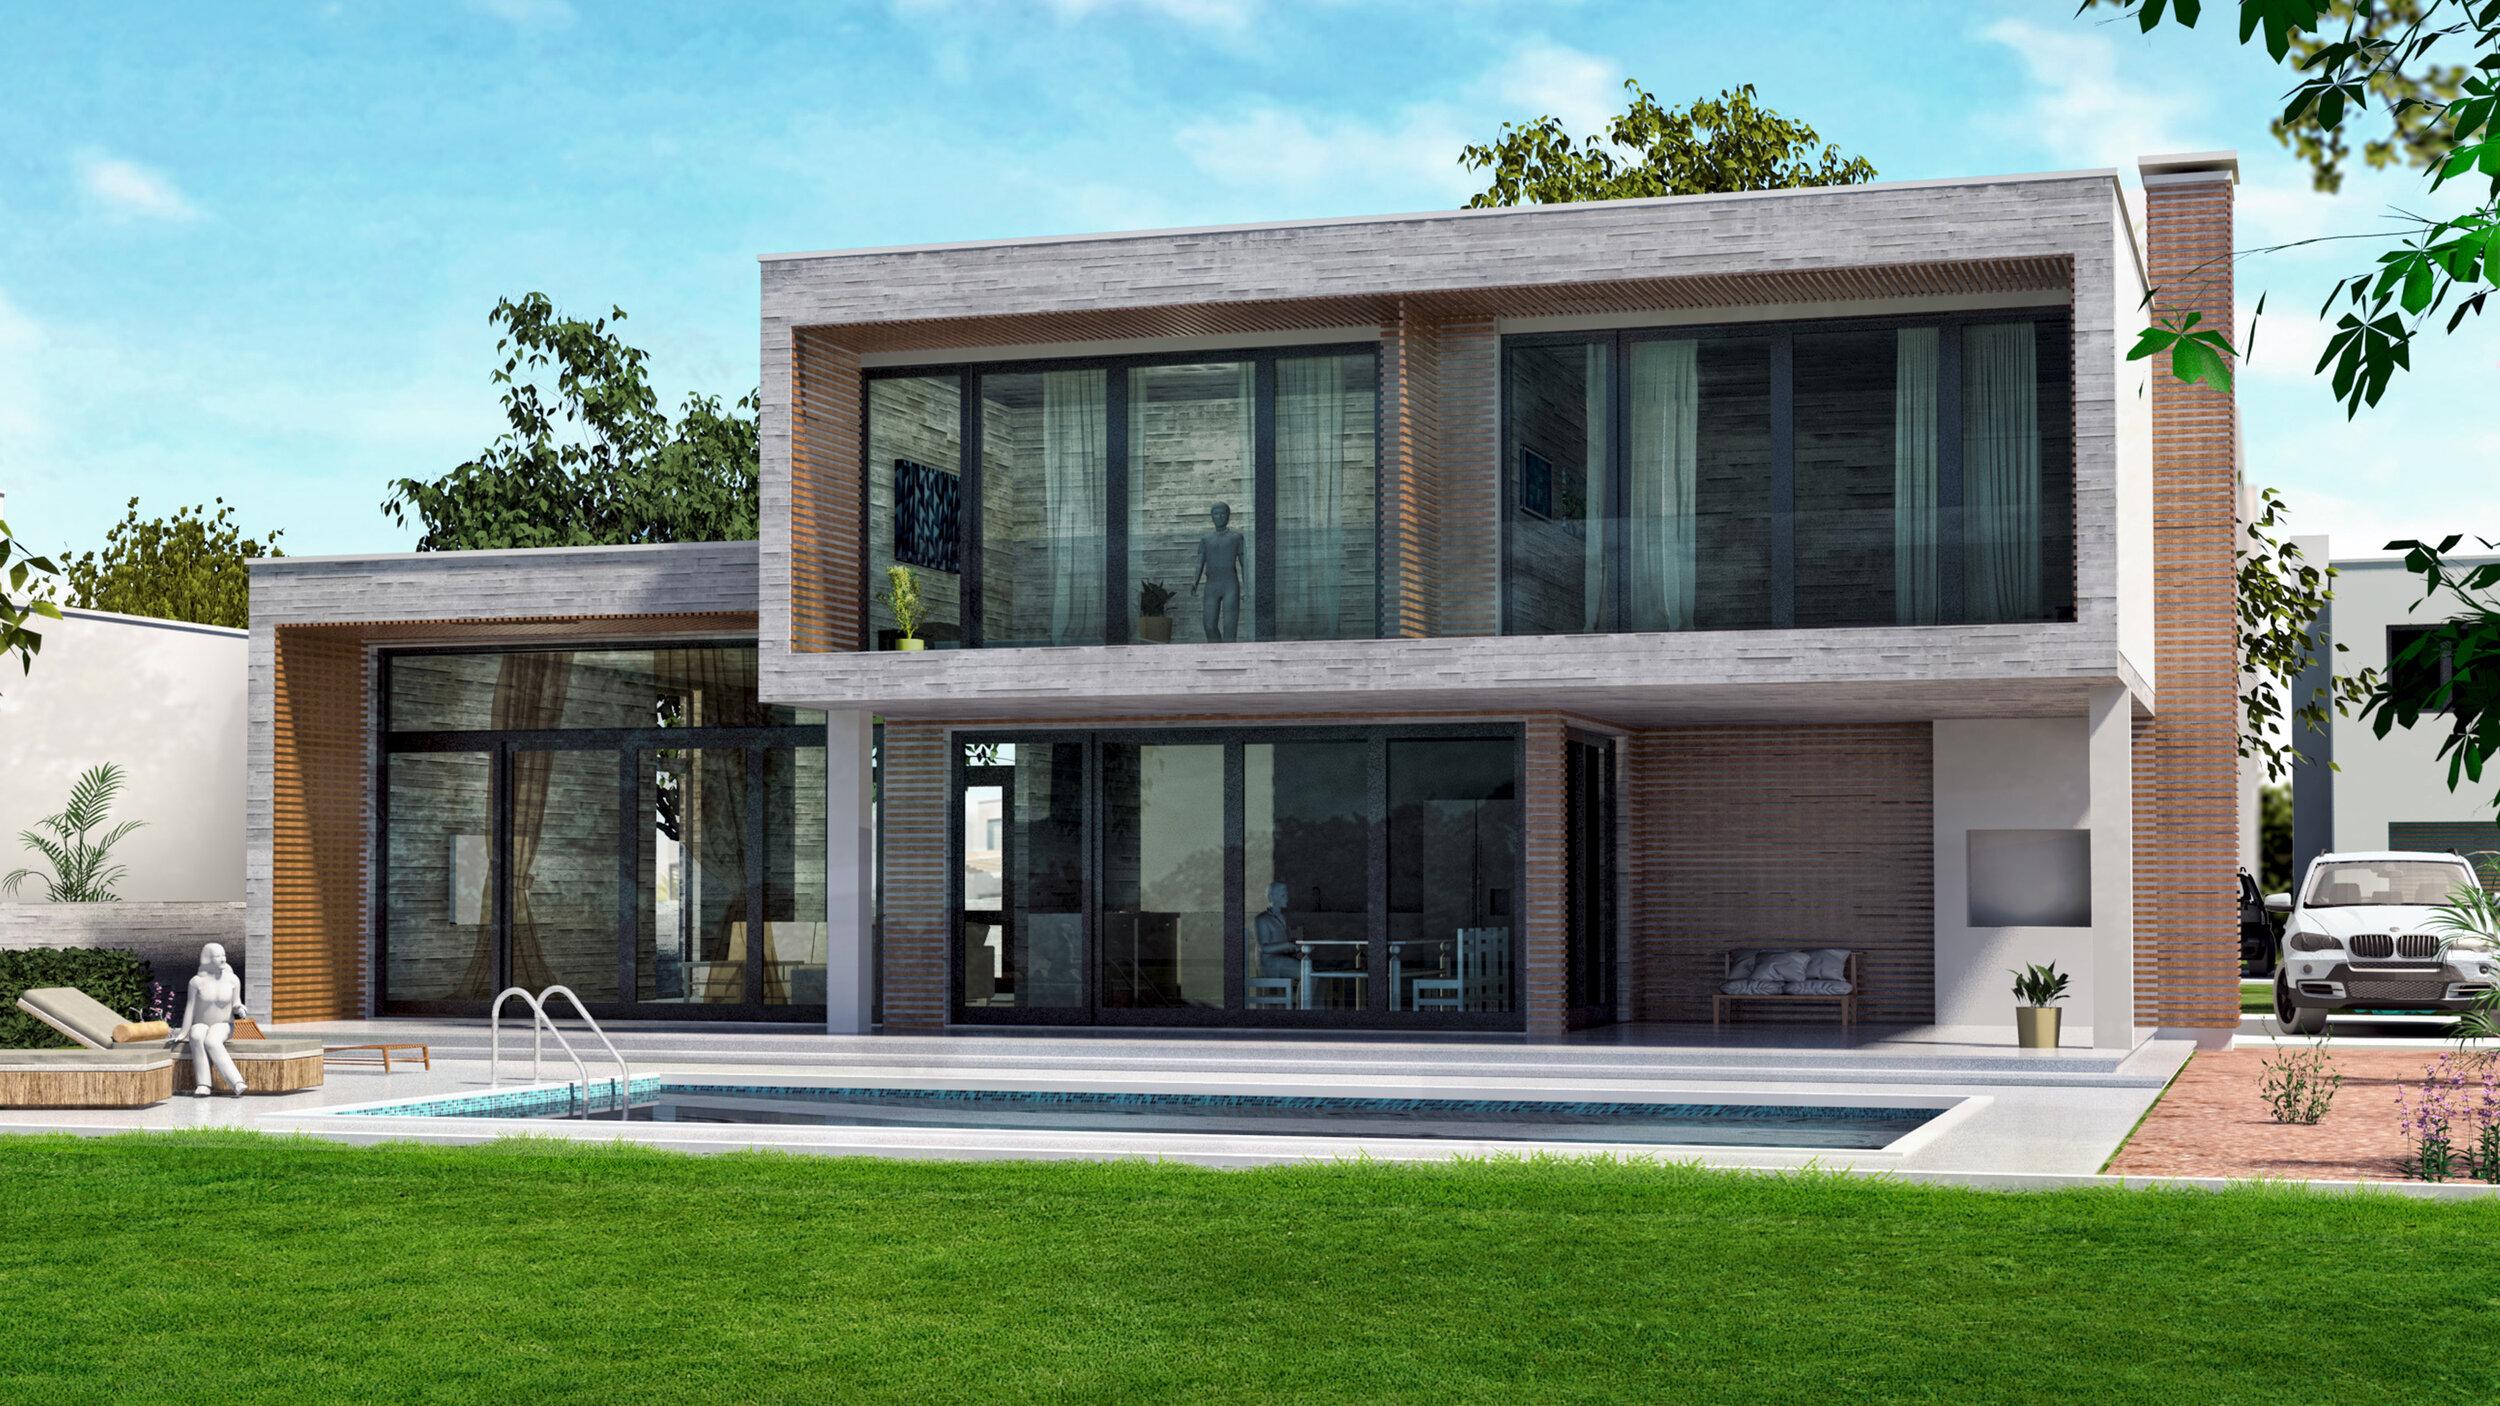 HOUSE SCHEMATIC DESIGN